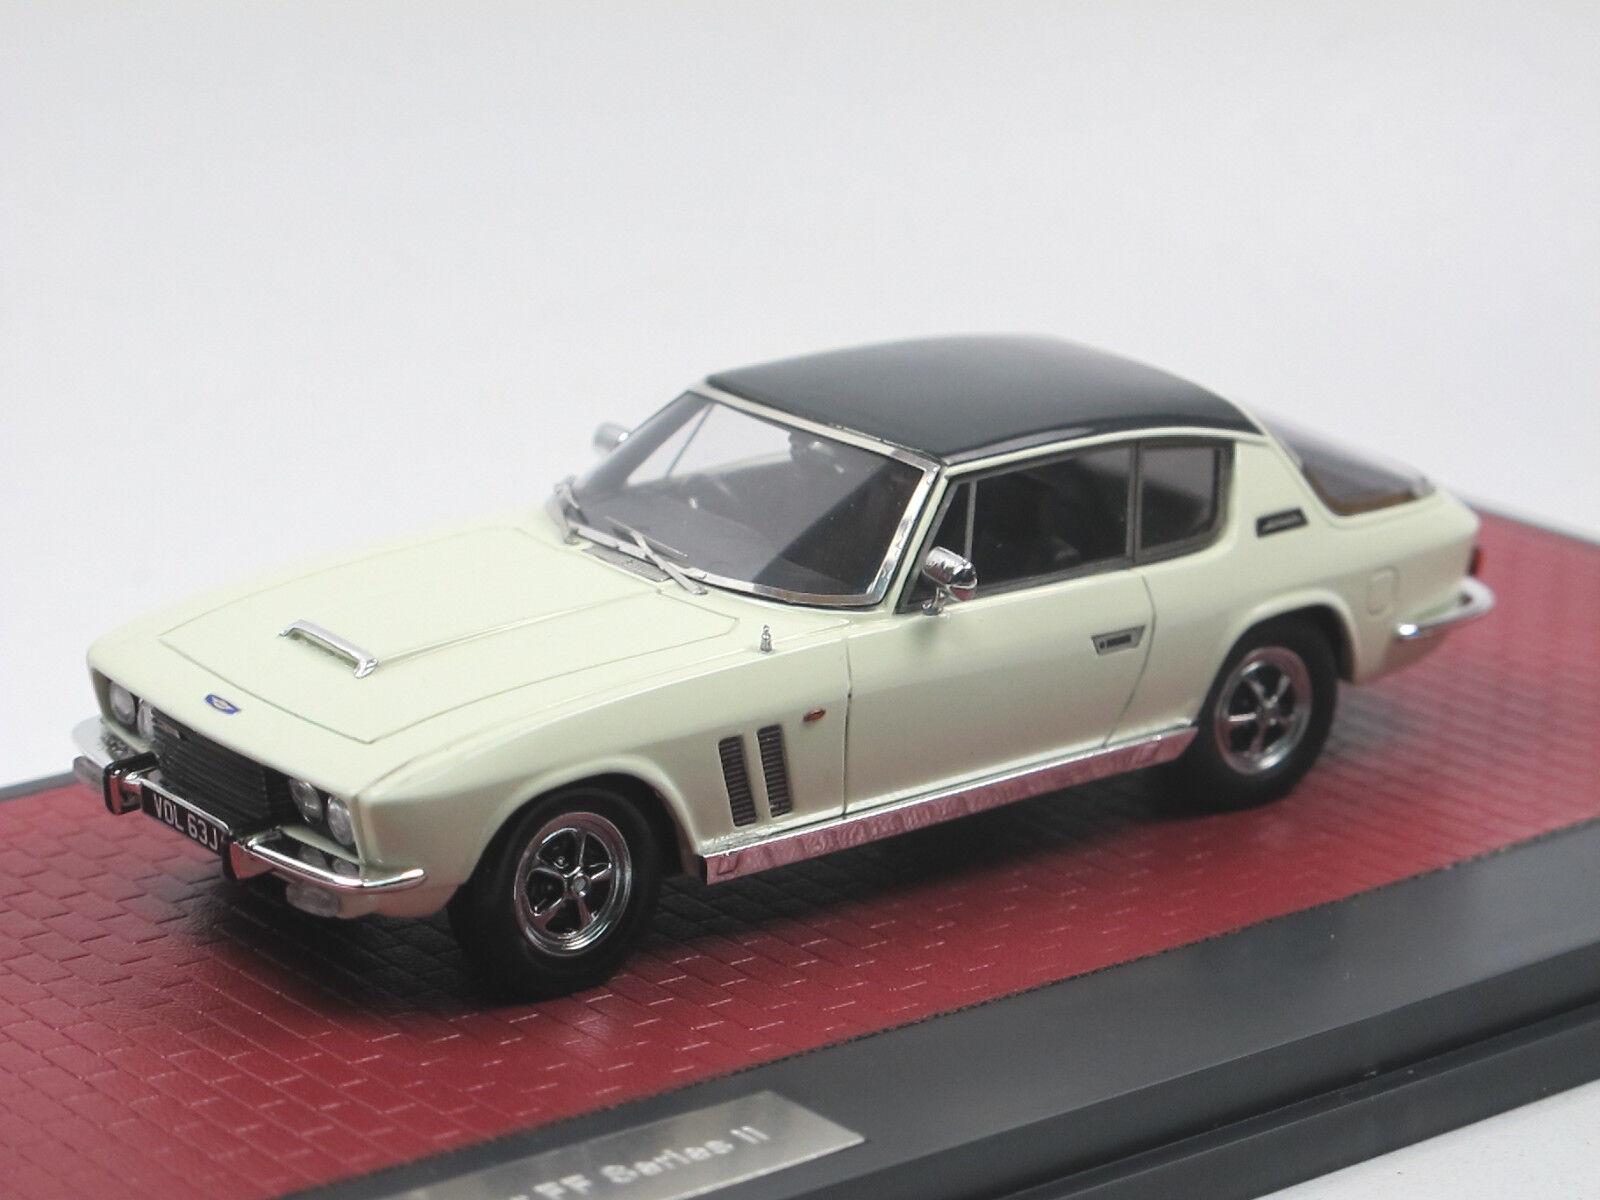 Matrix - modellen - 1970 jensen interceptor sii ff - grau   weiß - 1   43